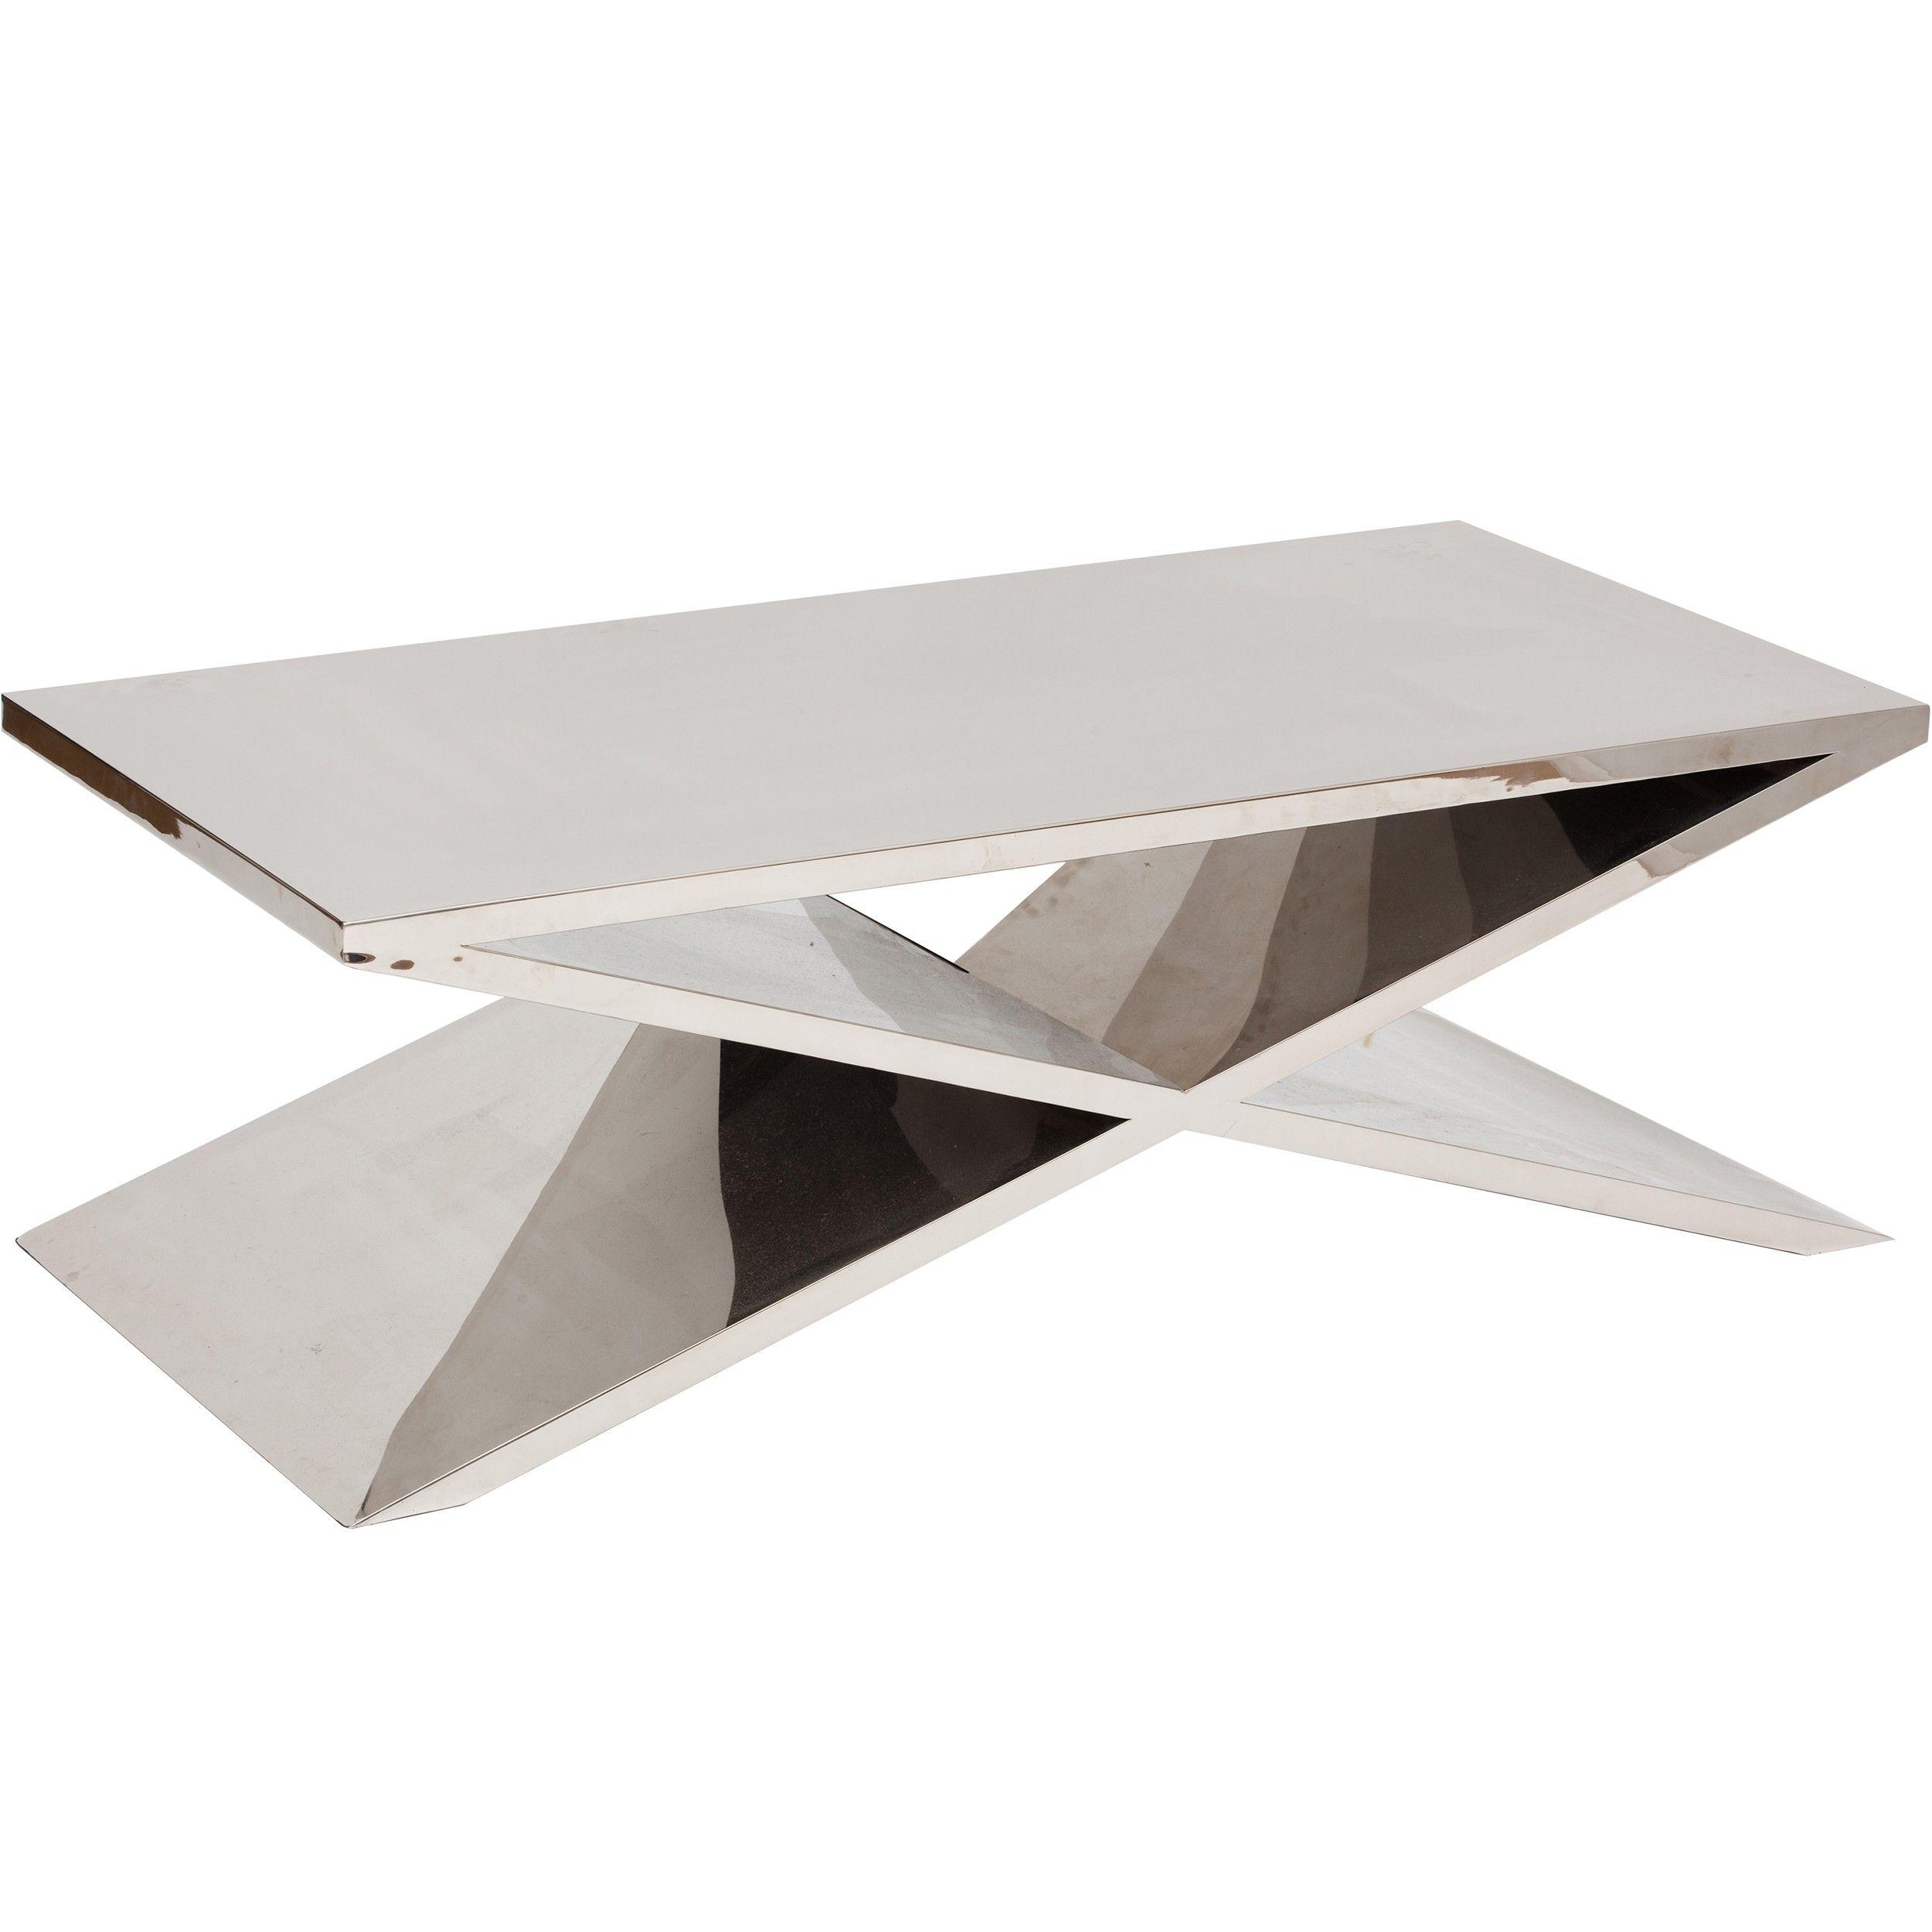 Prague Coffee Table Coffee Table Metal Coffee Table Coffee Table Furniture [ 2500 x 2500 Pixel ]